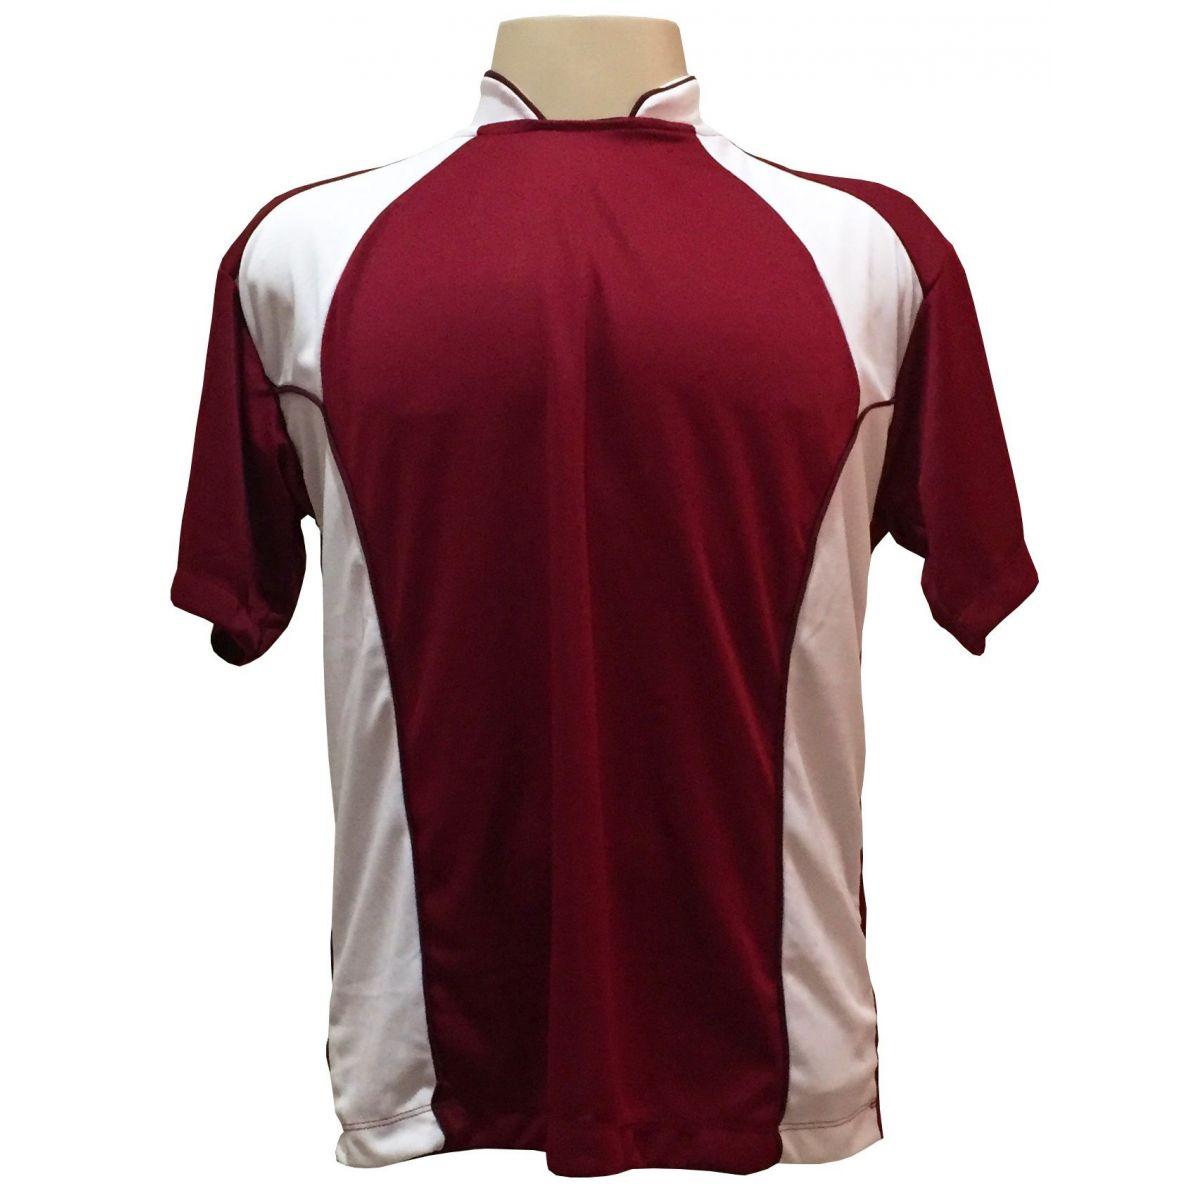 Uniforme Esportivo com 14 Camisas modelo Suécia Vinho/Branco + 14 Calções modelo Madrid Branco   - ESTAÇÃO DO ESPORTE